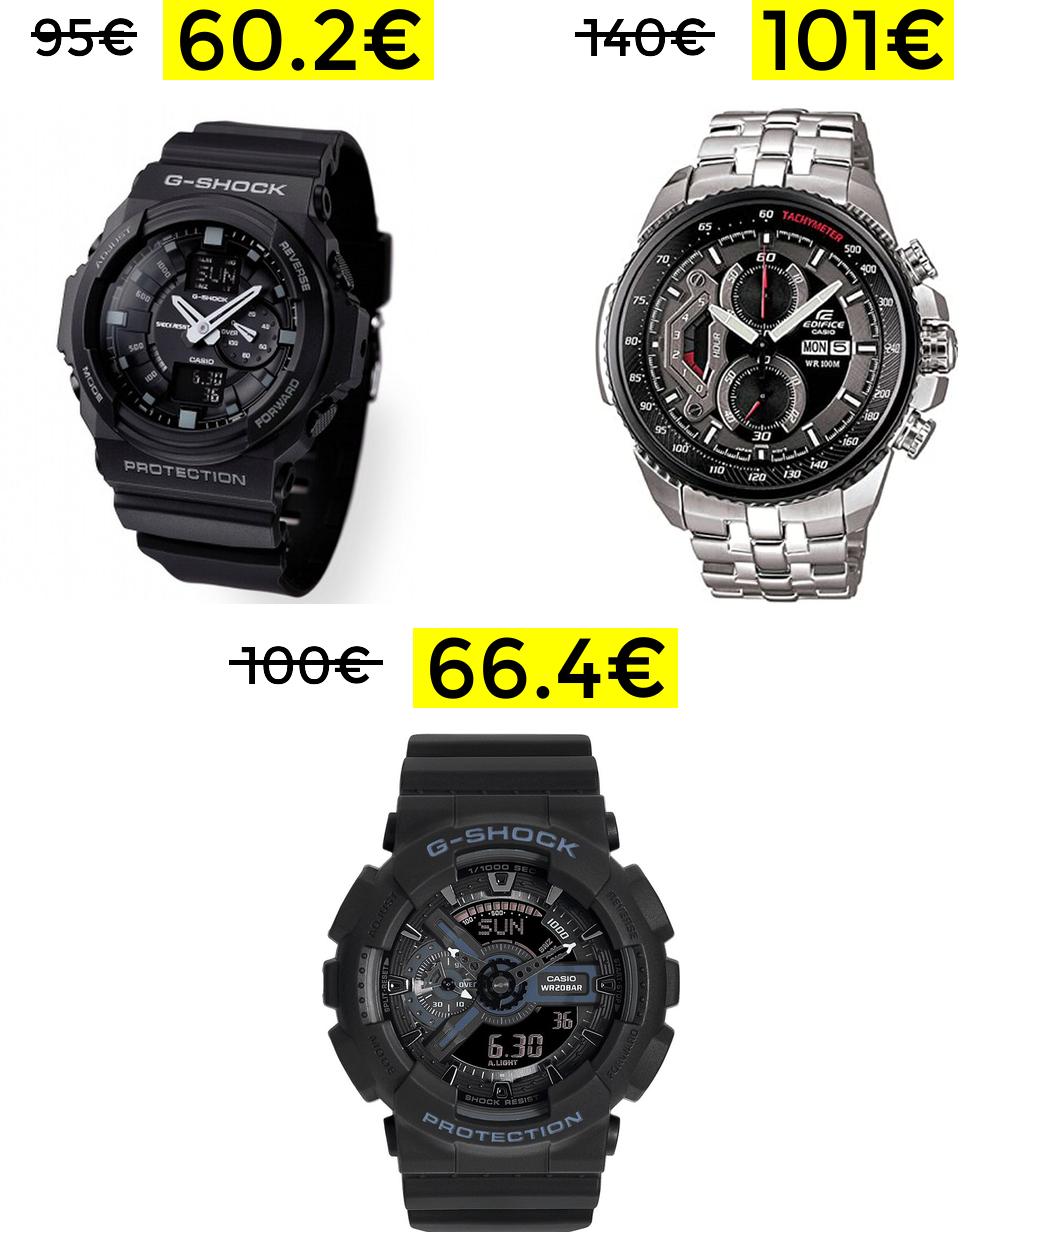 Buenos precios en relojes Casio